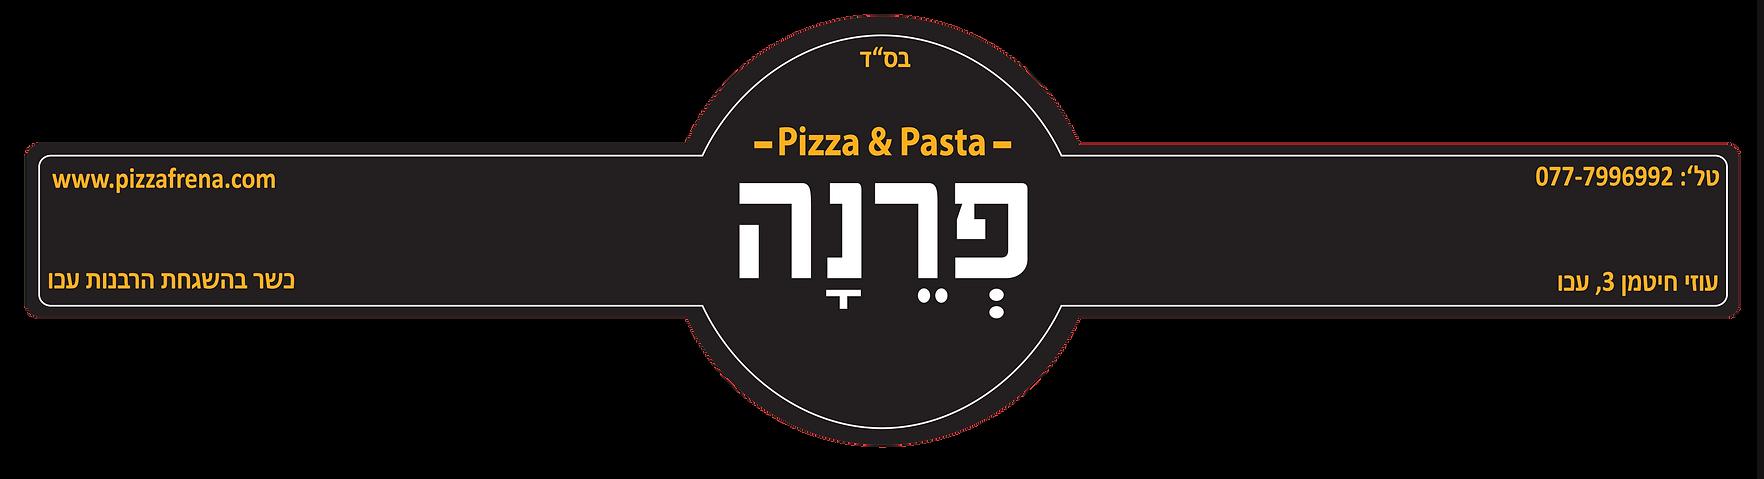 פיצה פרנה (2)2.png